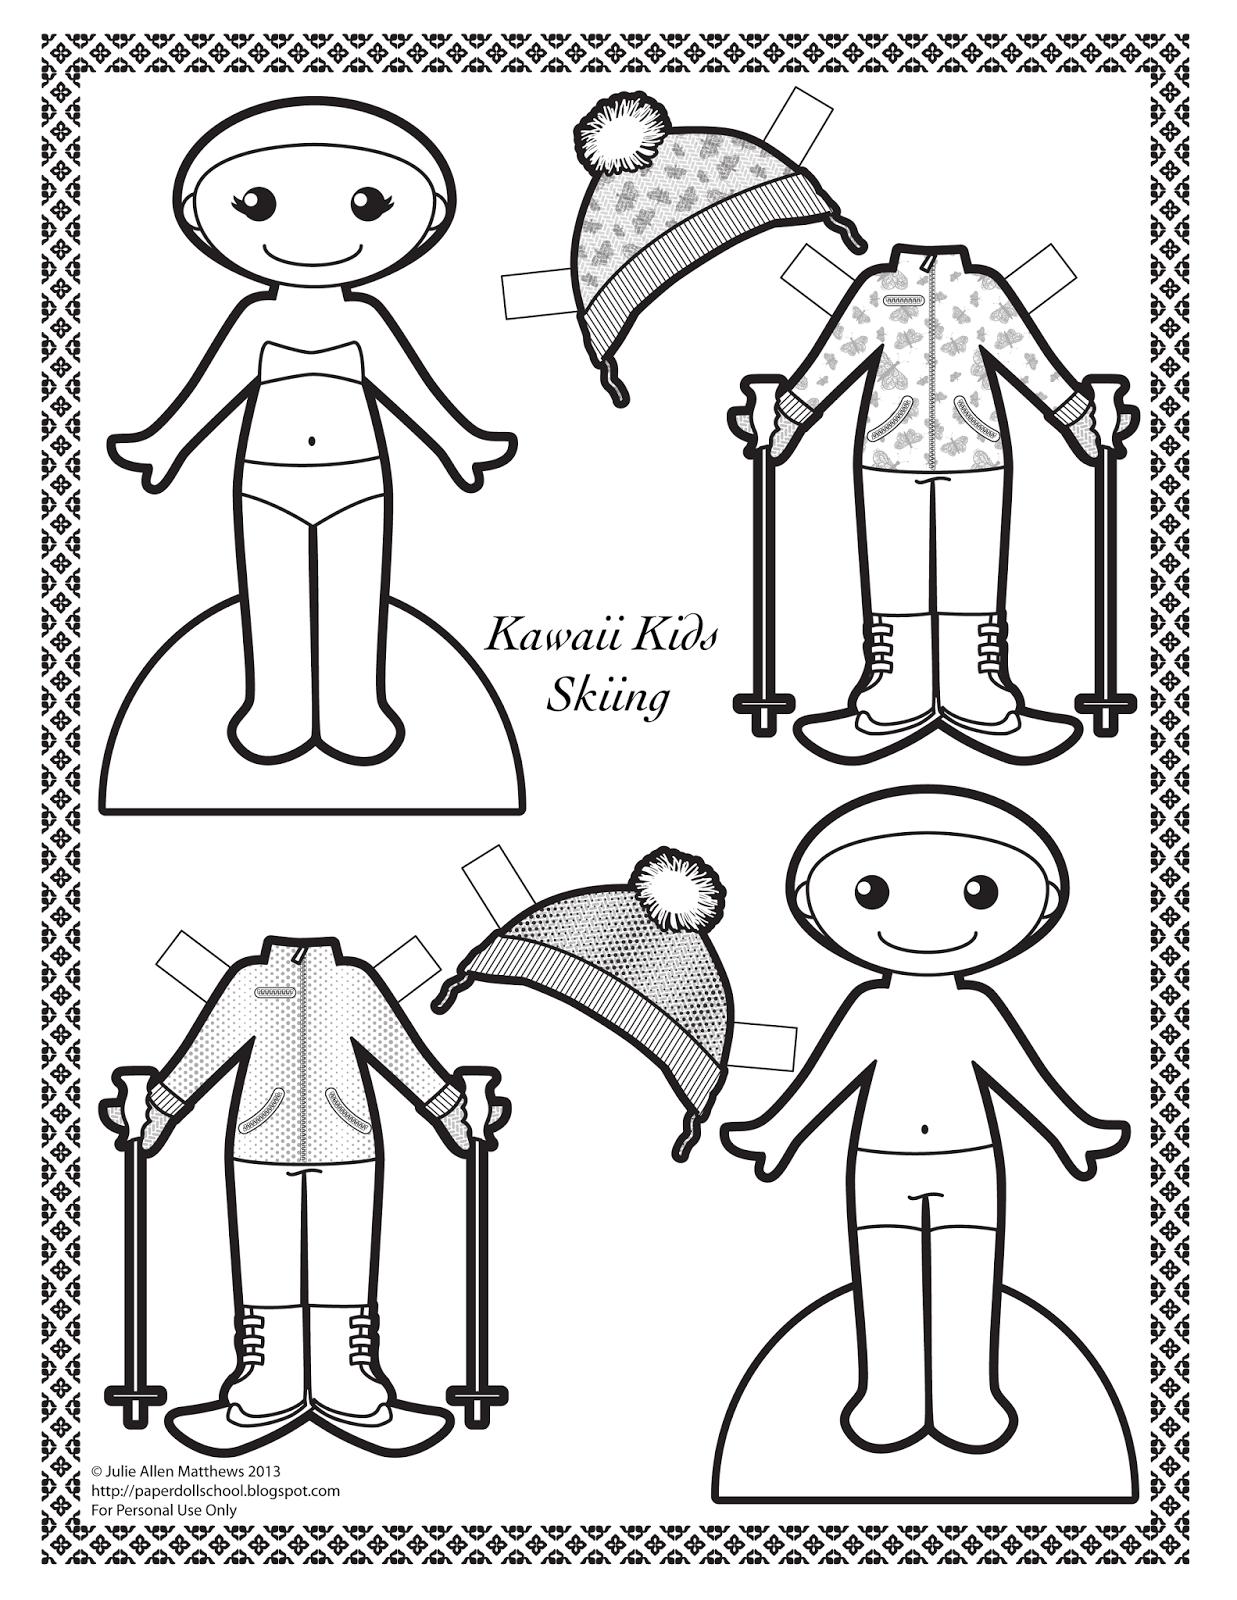 Как сделать куклу из бумаги, бумажные куклы с одеждой 34